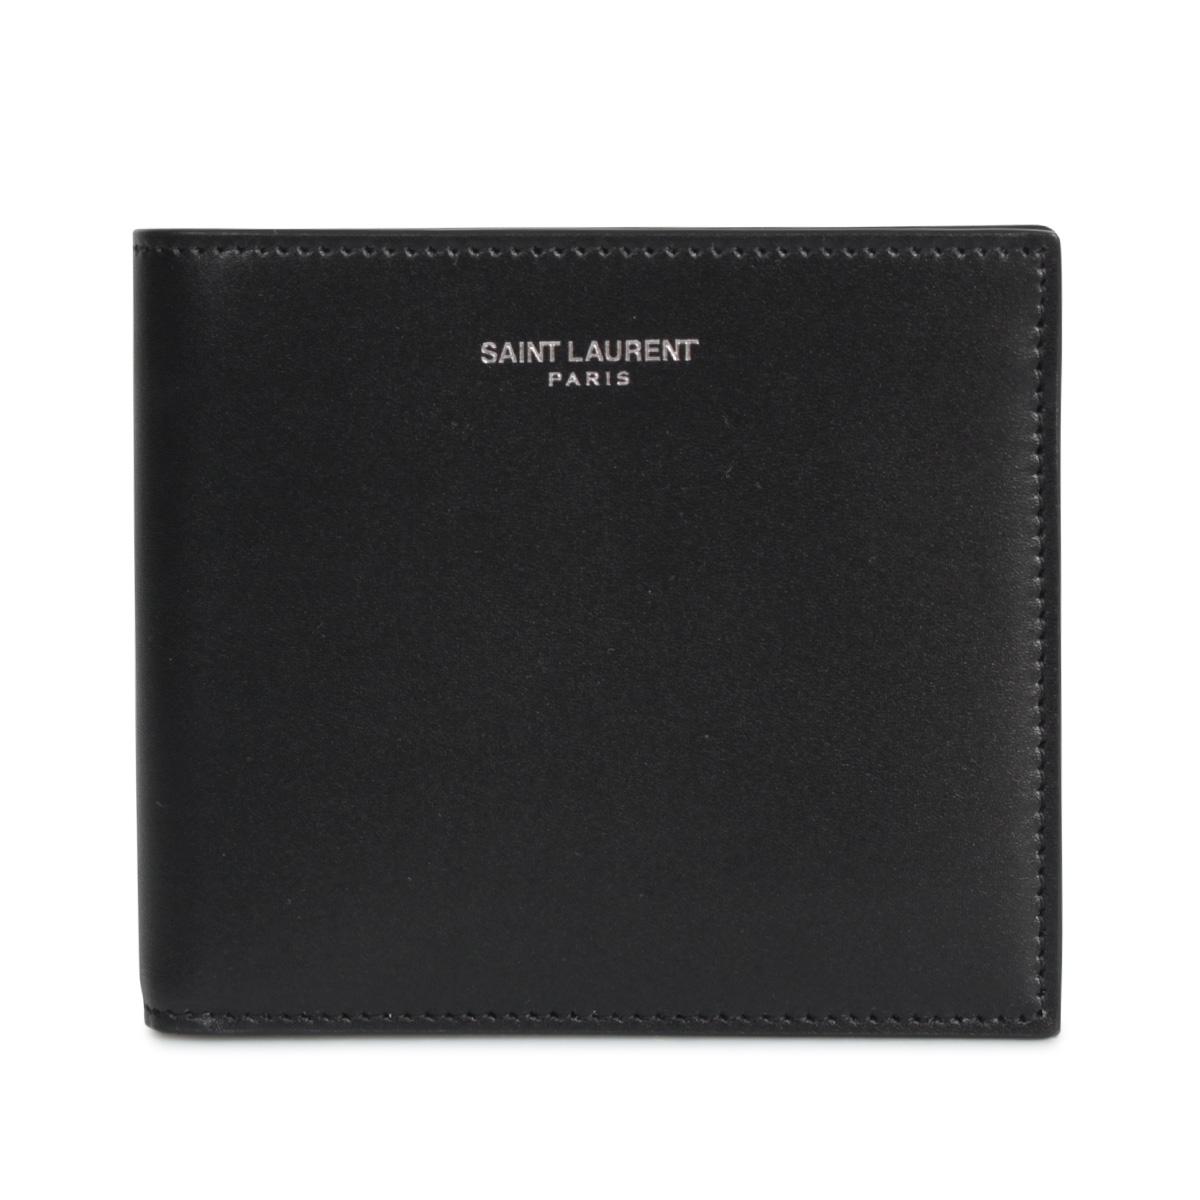 SAINT LAURENT PARIS EAST WEST WALLET サンローラン パリ 財布 二つ折り メンズ ブラック 黒 3963070U90N